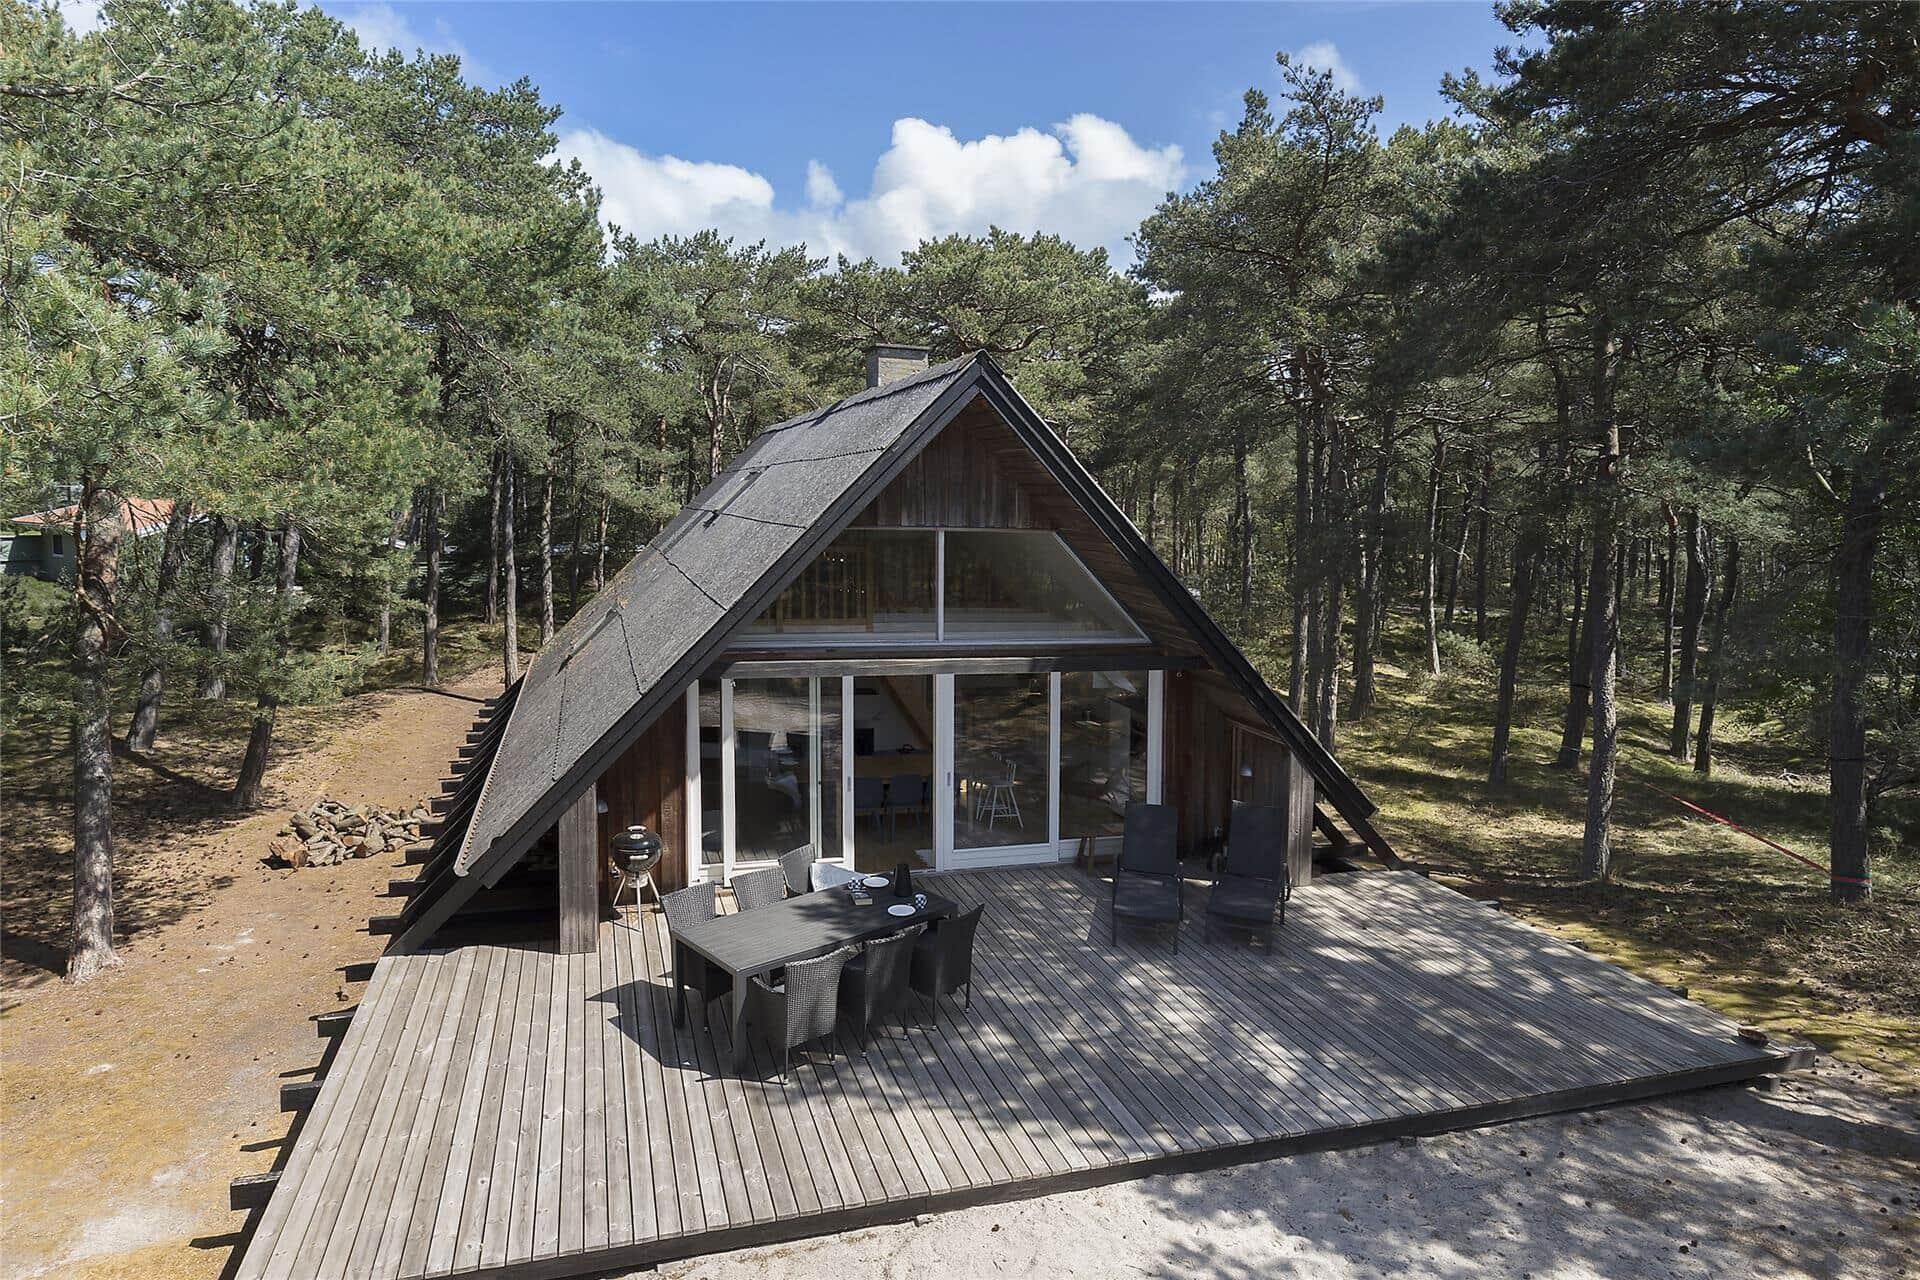 Billede 1-10 Sommerhus 2641, Egernvej 18, DK - 3730 Nexø